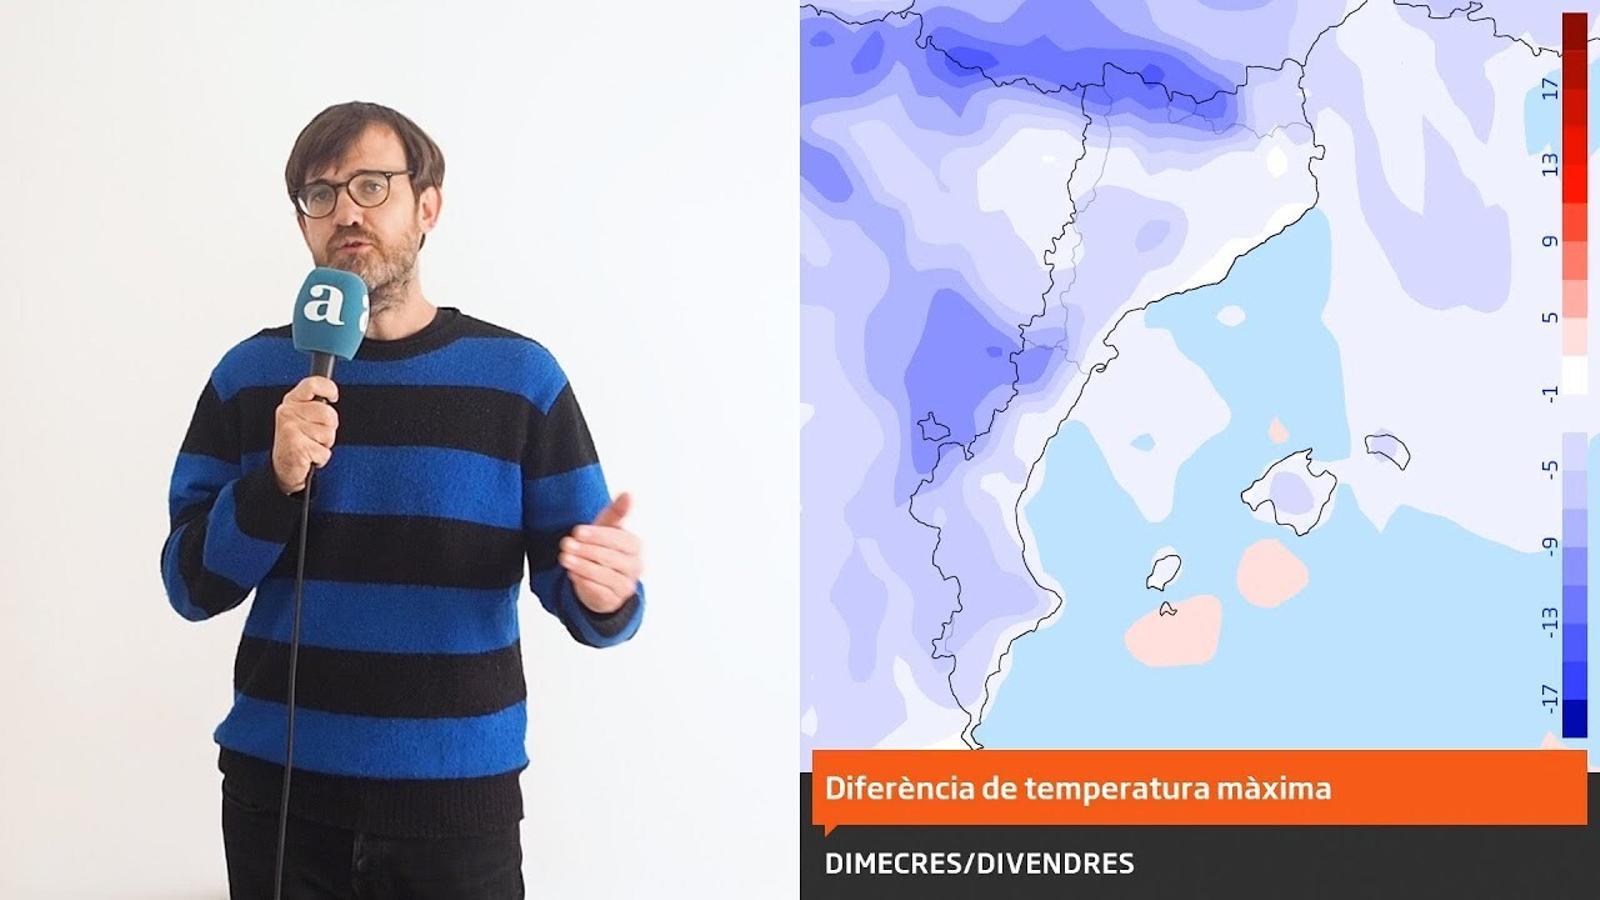 La méteo: aquest dijous serà el dia més càlid de la setmana però després vindrà el fred